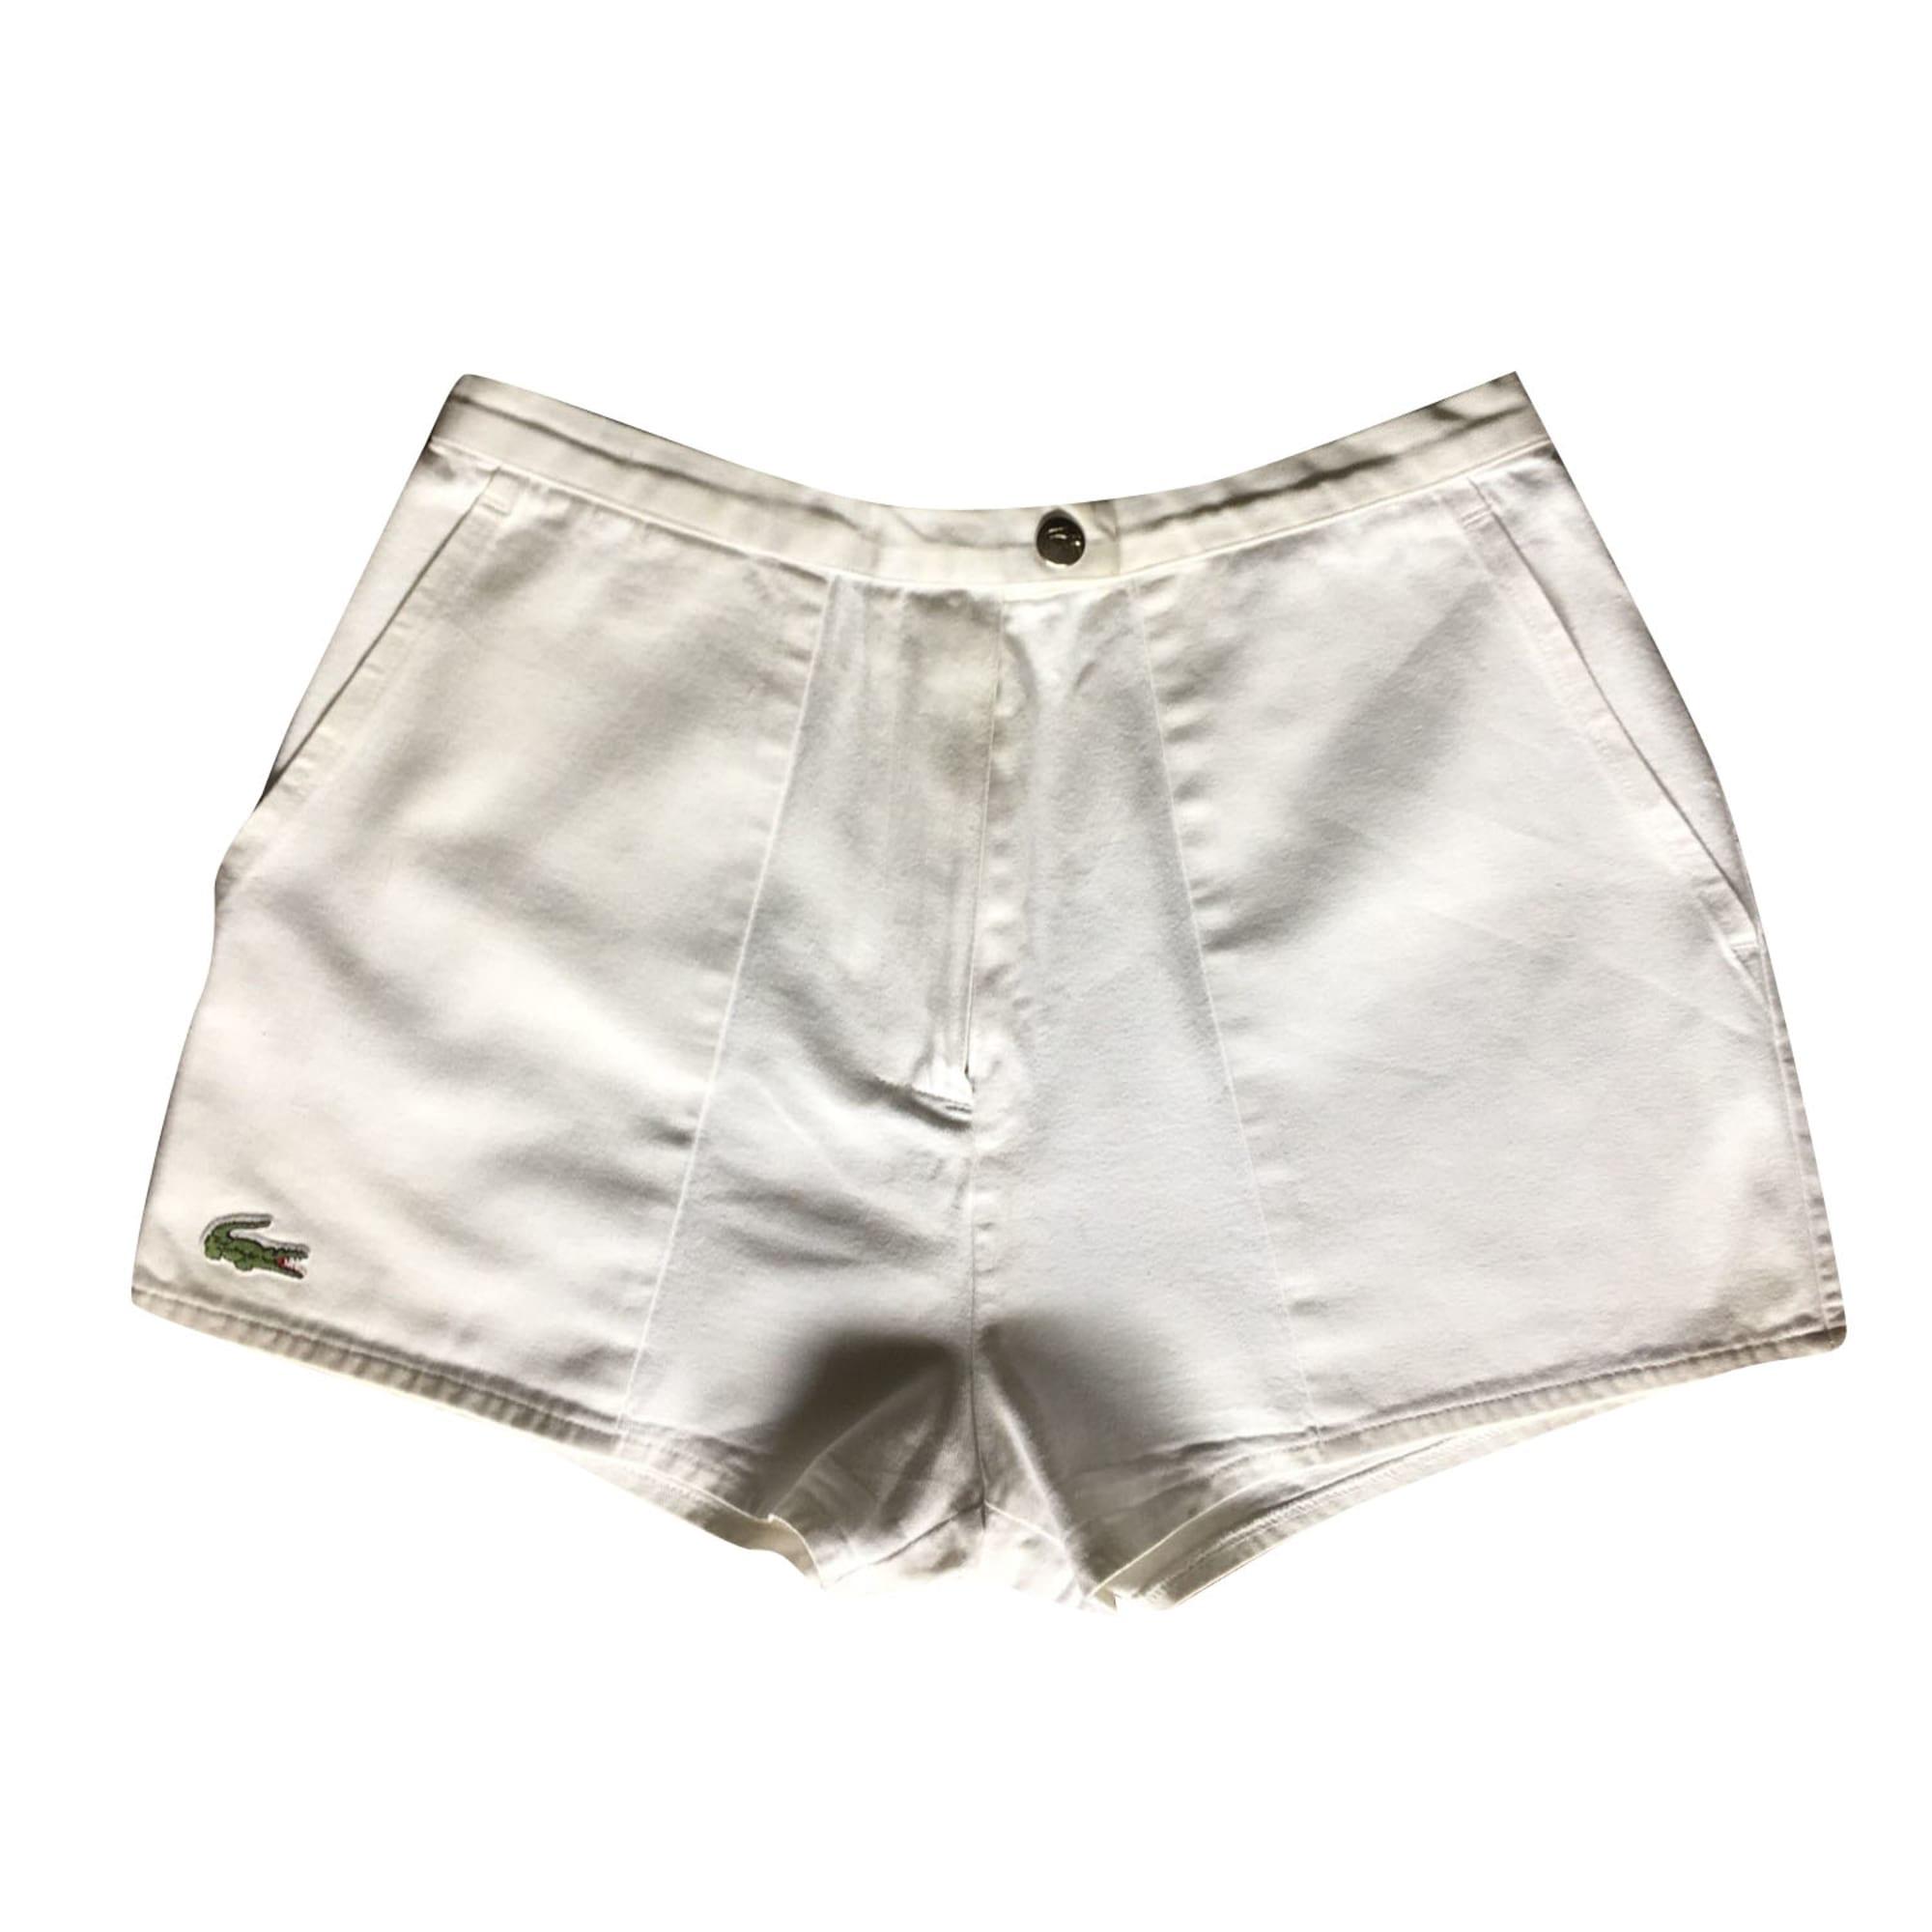 Femme Blanc Short Short Short Lacoste Lacoste Femme Lacoste Femme Blanc hQtsxCrd